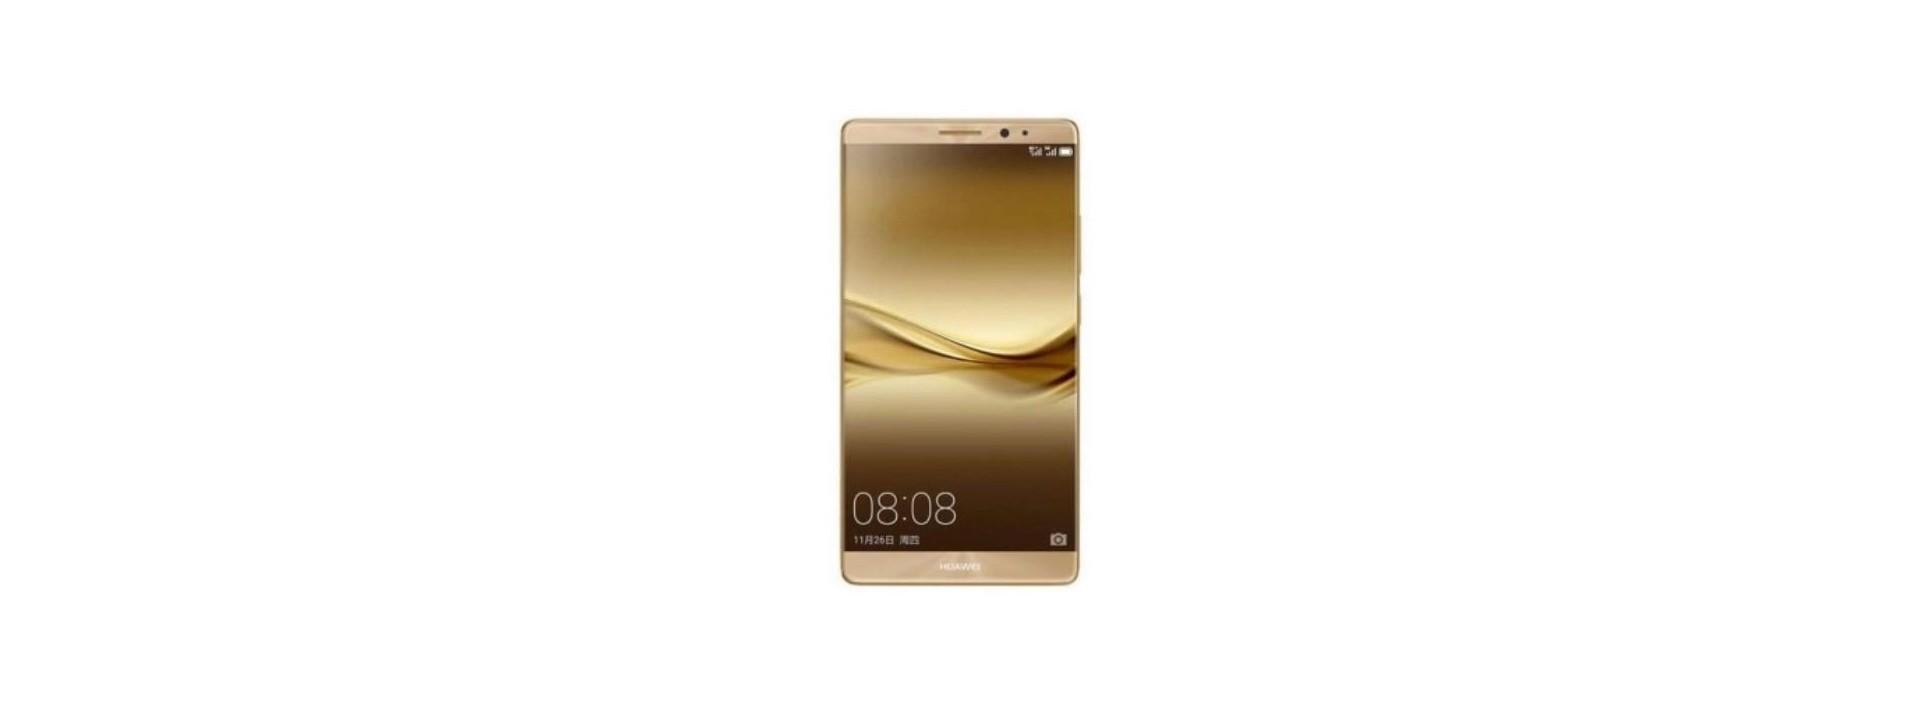 Fundas PERSONALIZADAS Huawei Mate  8, compra ya, Envío Gratis en TMS